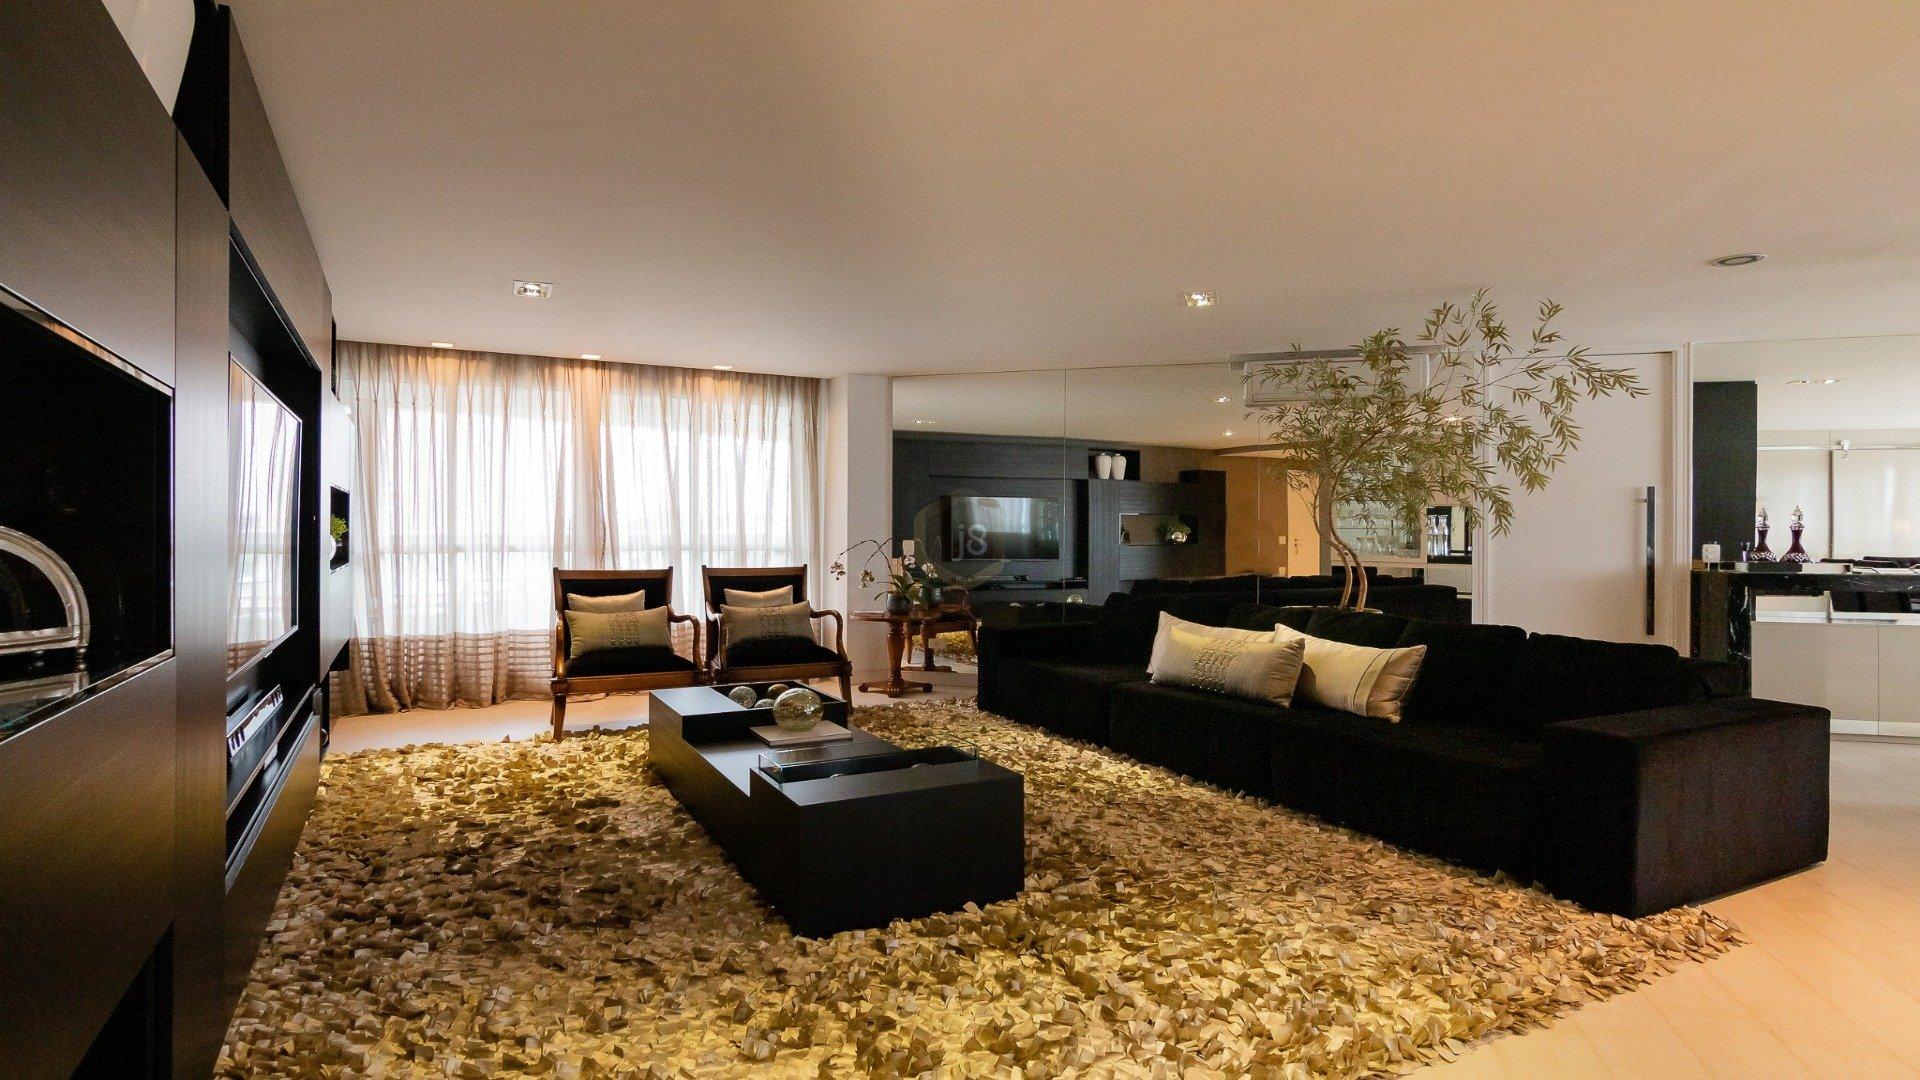 Foto de destaque Muito luxo e conforto no ecoville